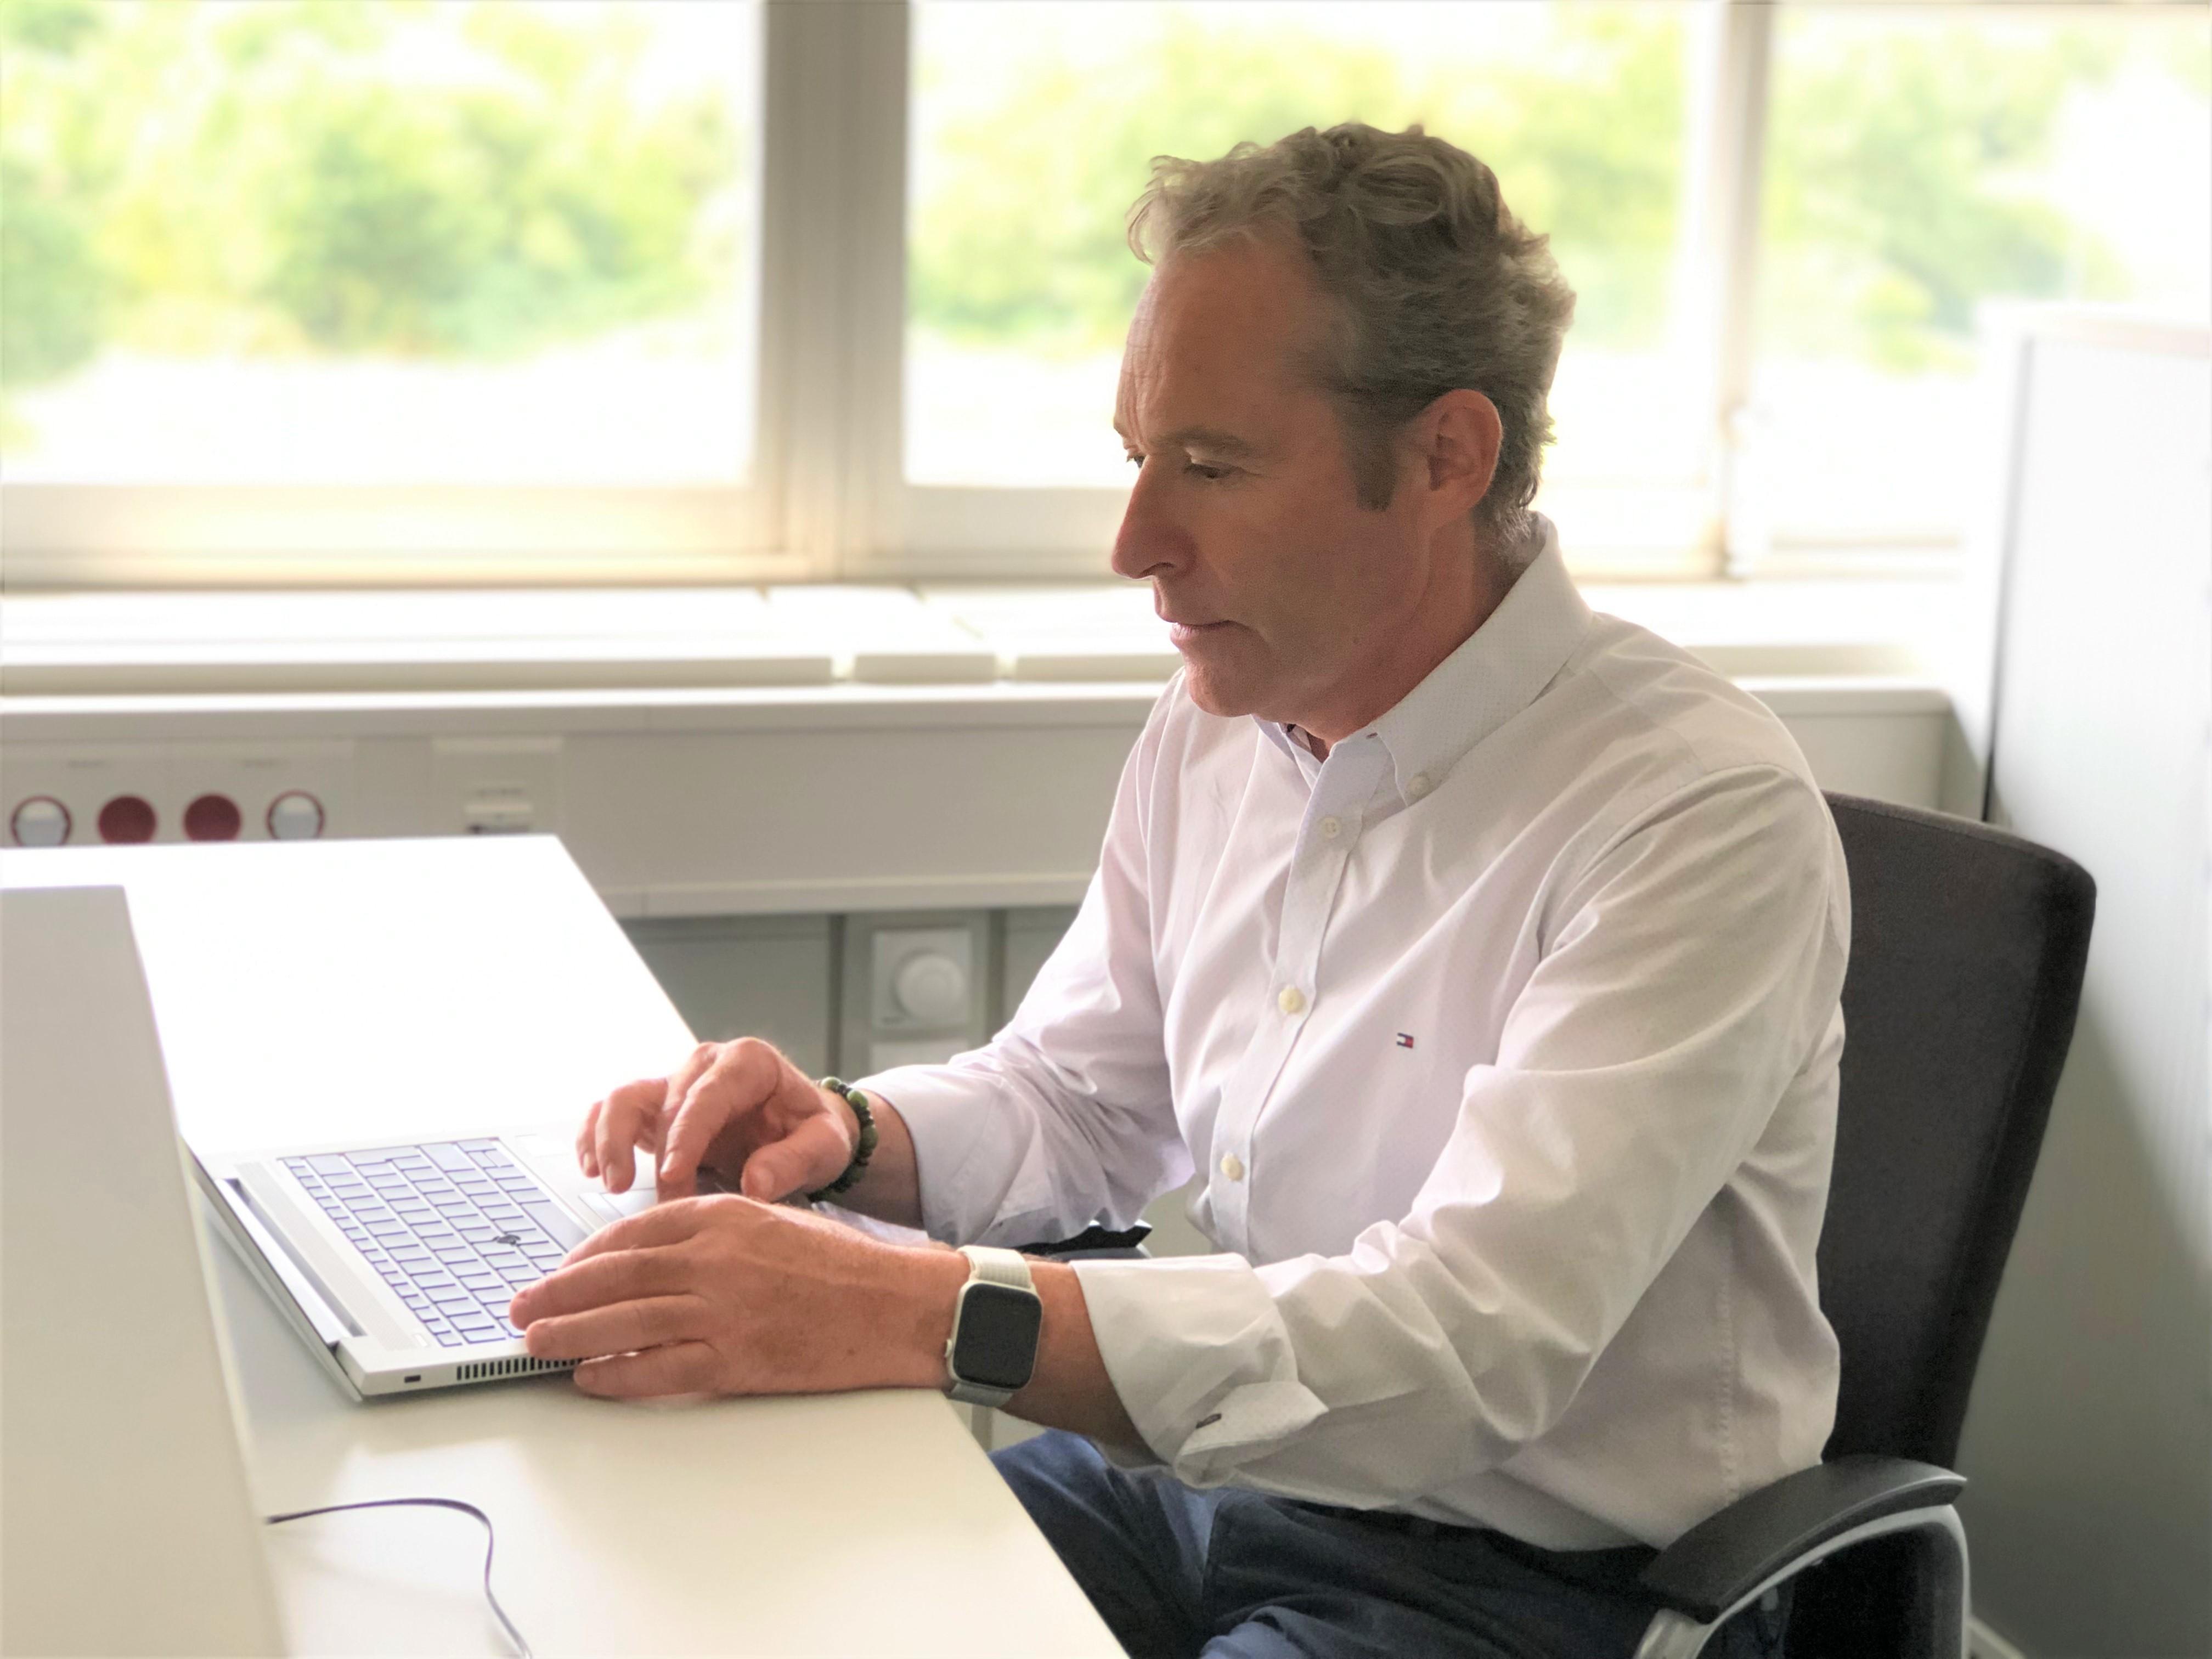 Als Director Global Product Management E-Mobility gehört mobiles Arbeiten an verschiedenen Unternehmensstandorten zum Alltag von Jean-Luc Kirmann.